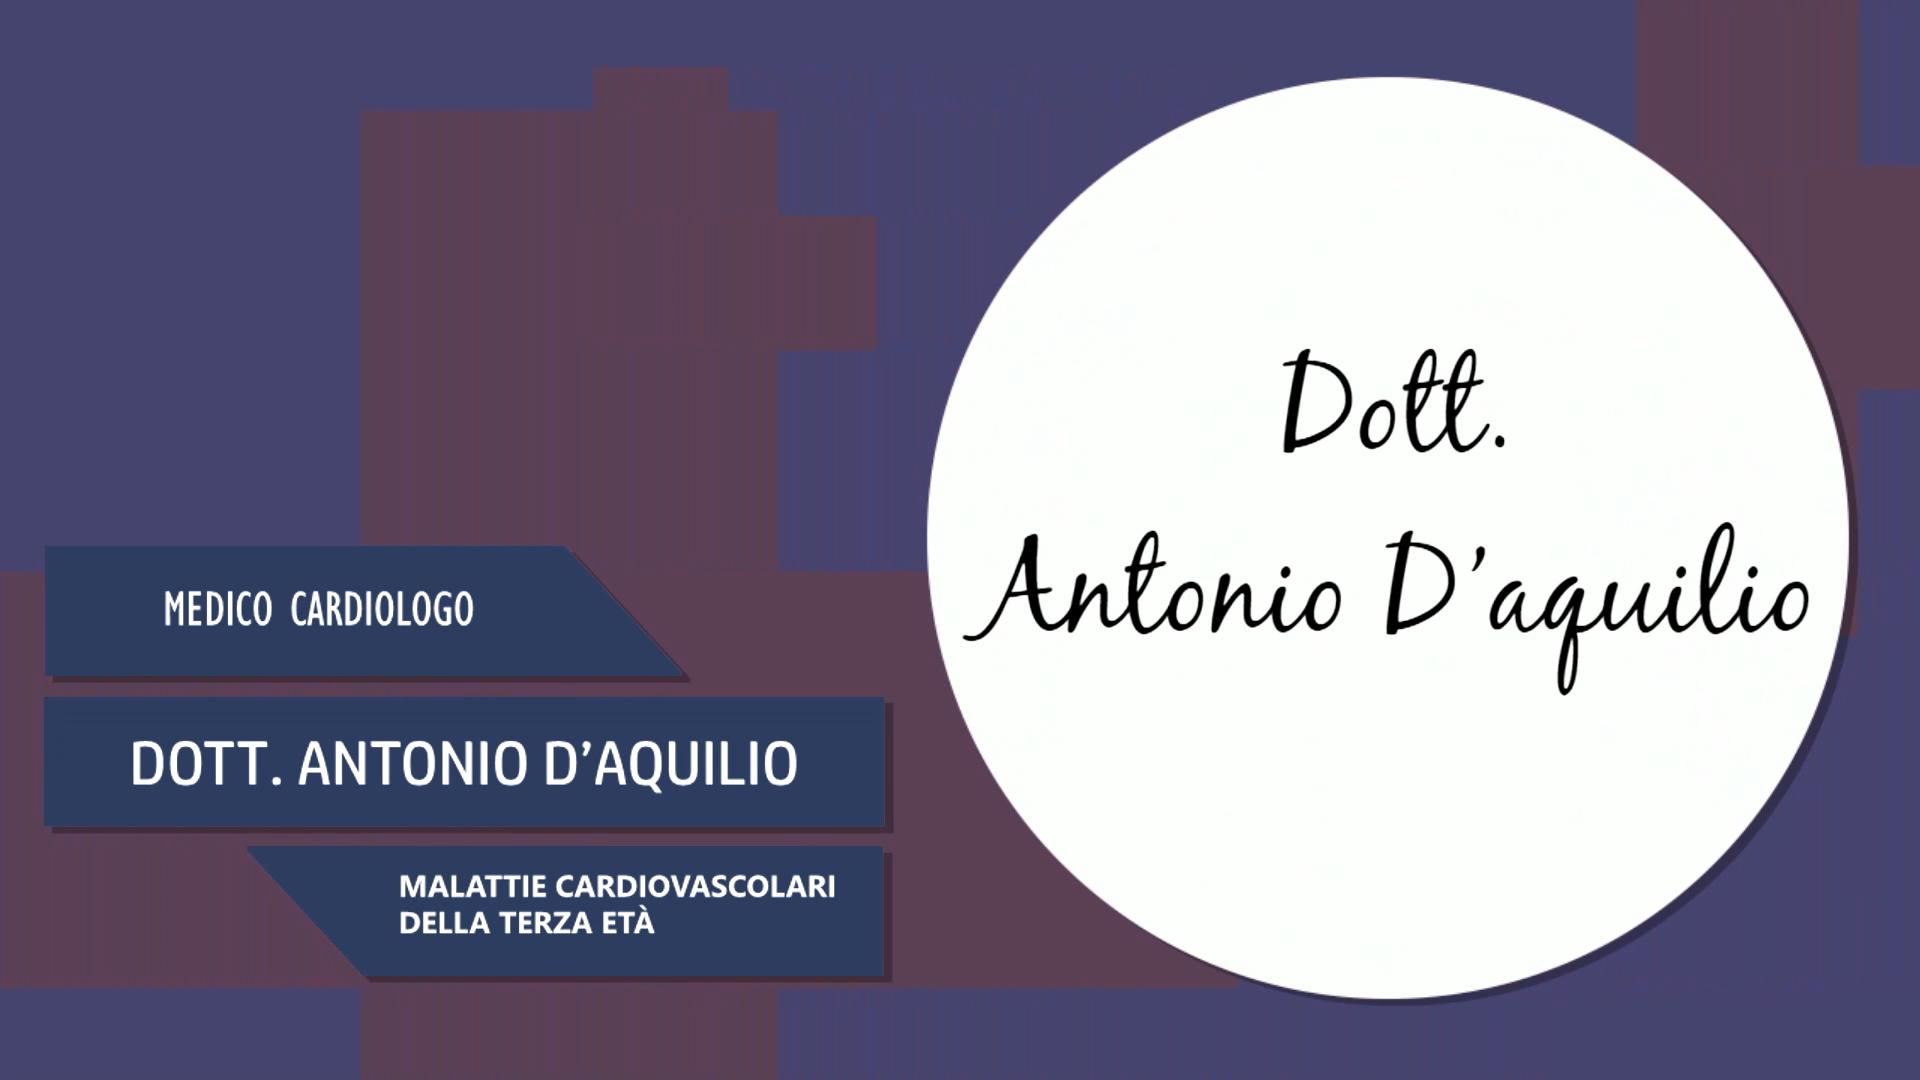 Intervista al Dott. Antonio D'Aquilio – Malattie cardiovascolari della terza età